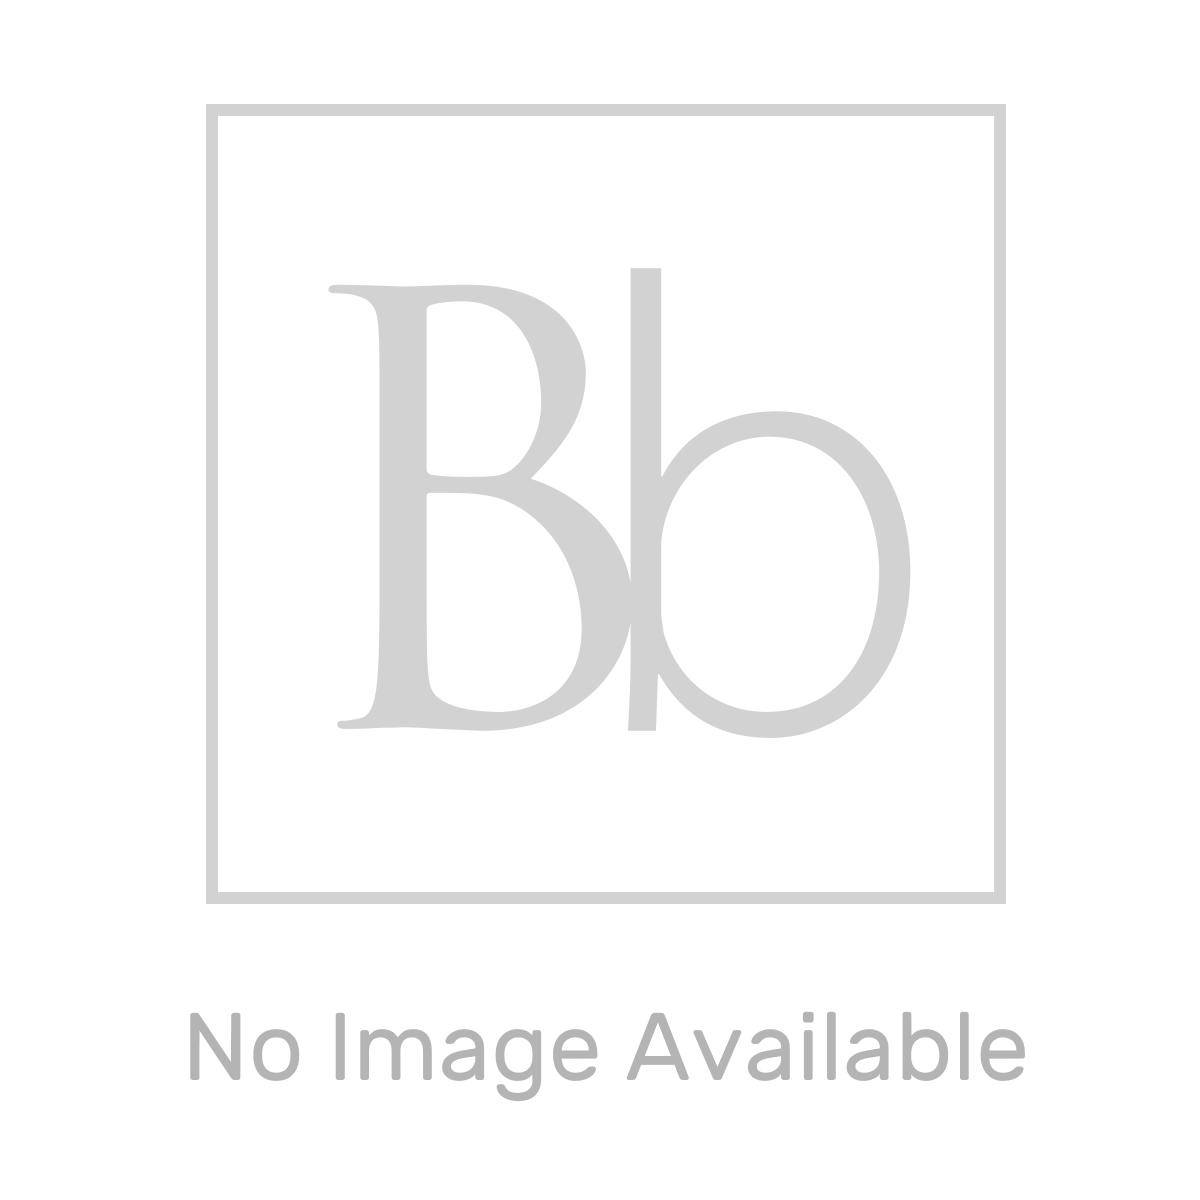 RAK Ella Shower Bath Mixer Tap Measurements